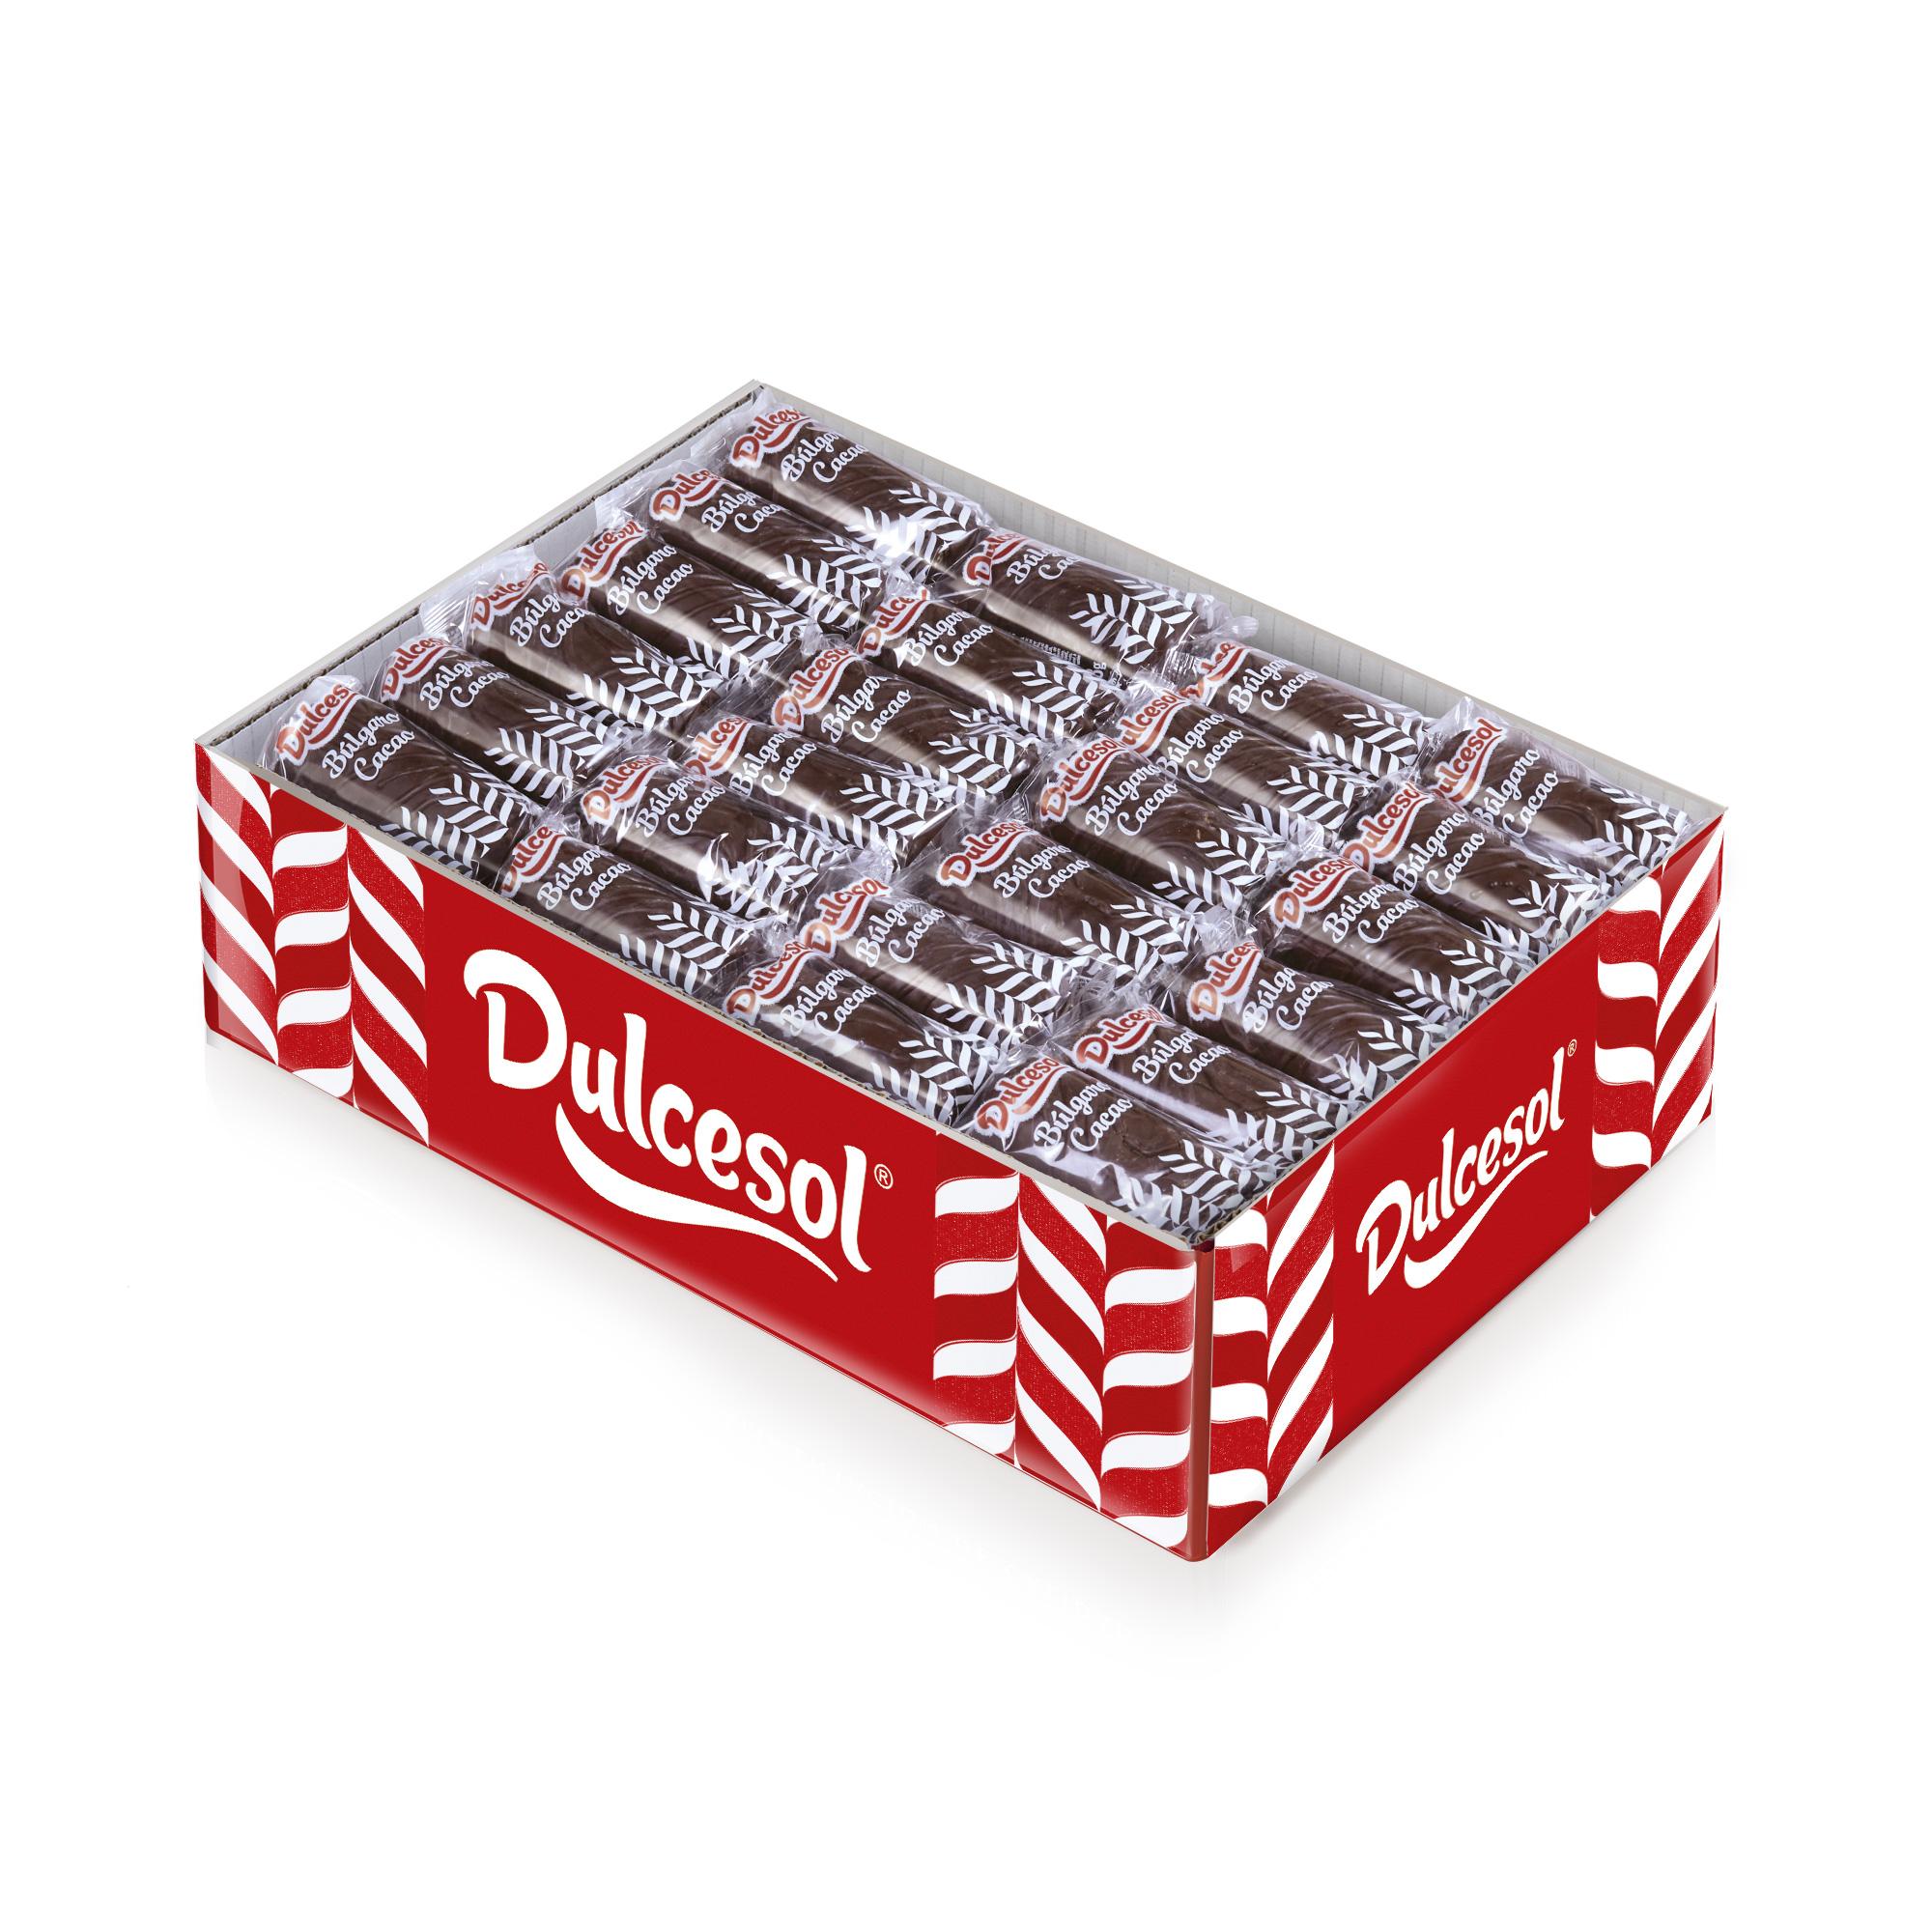 Búlgaros de cacao - Caja 2Kg